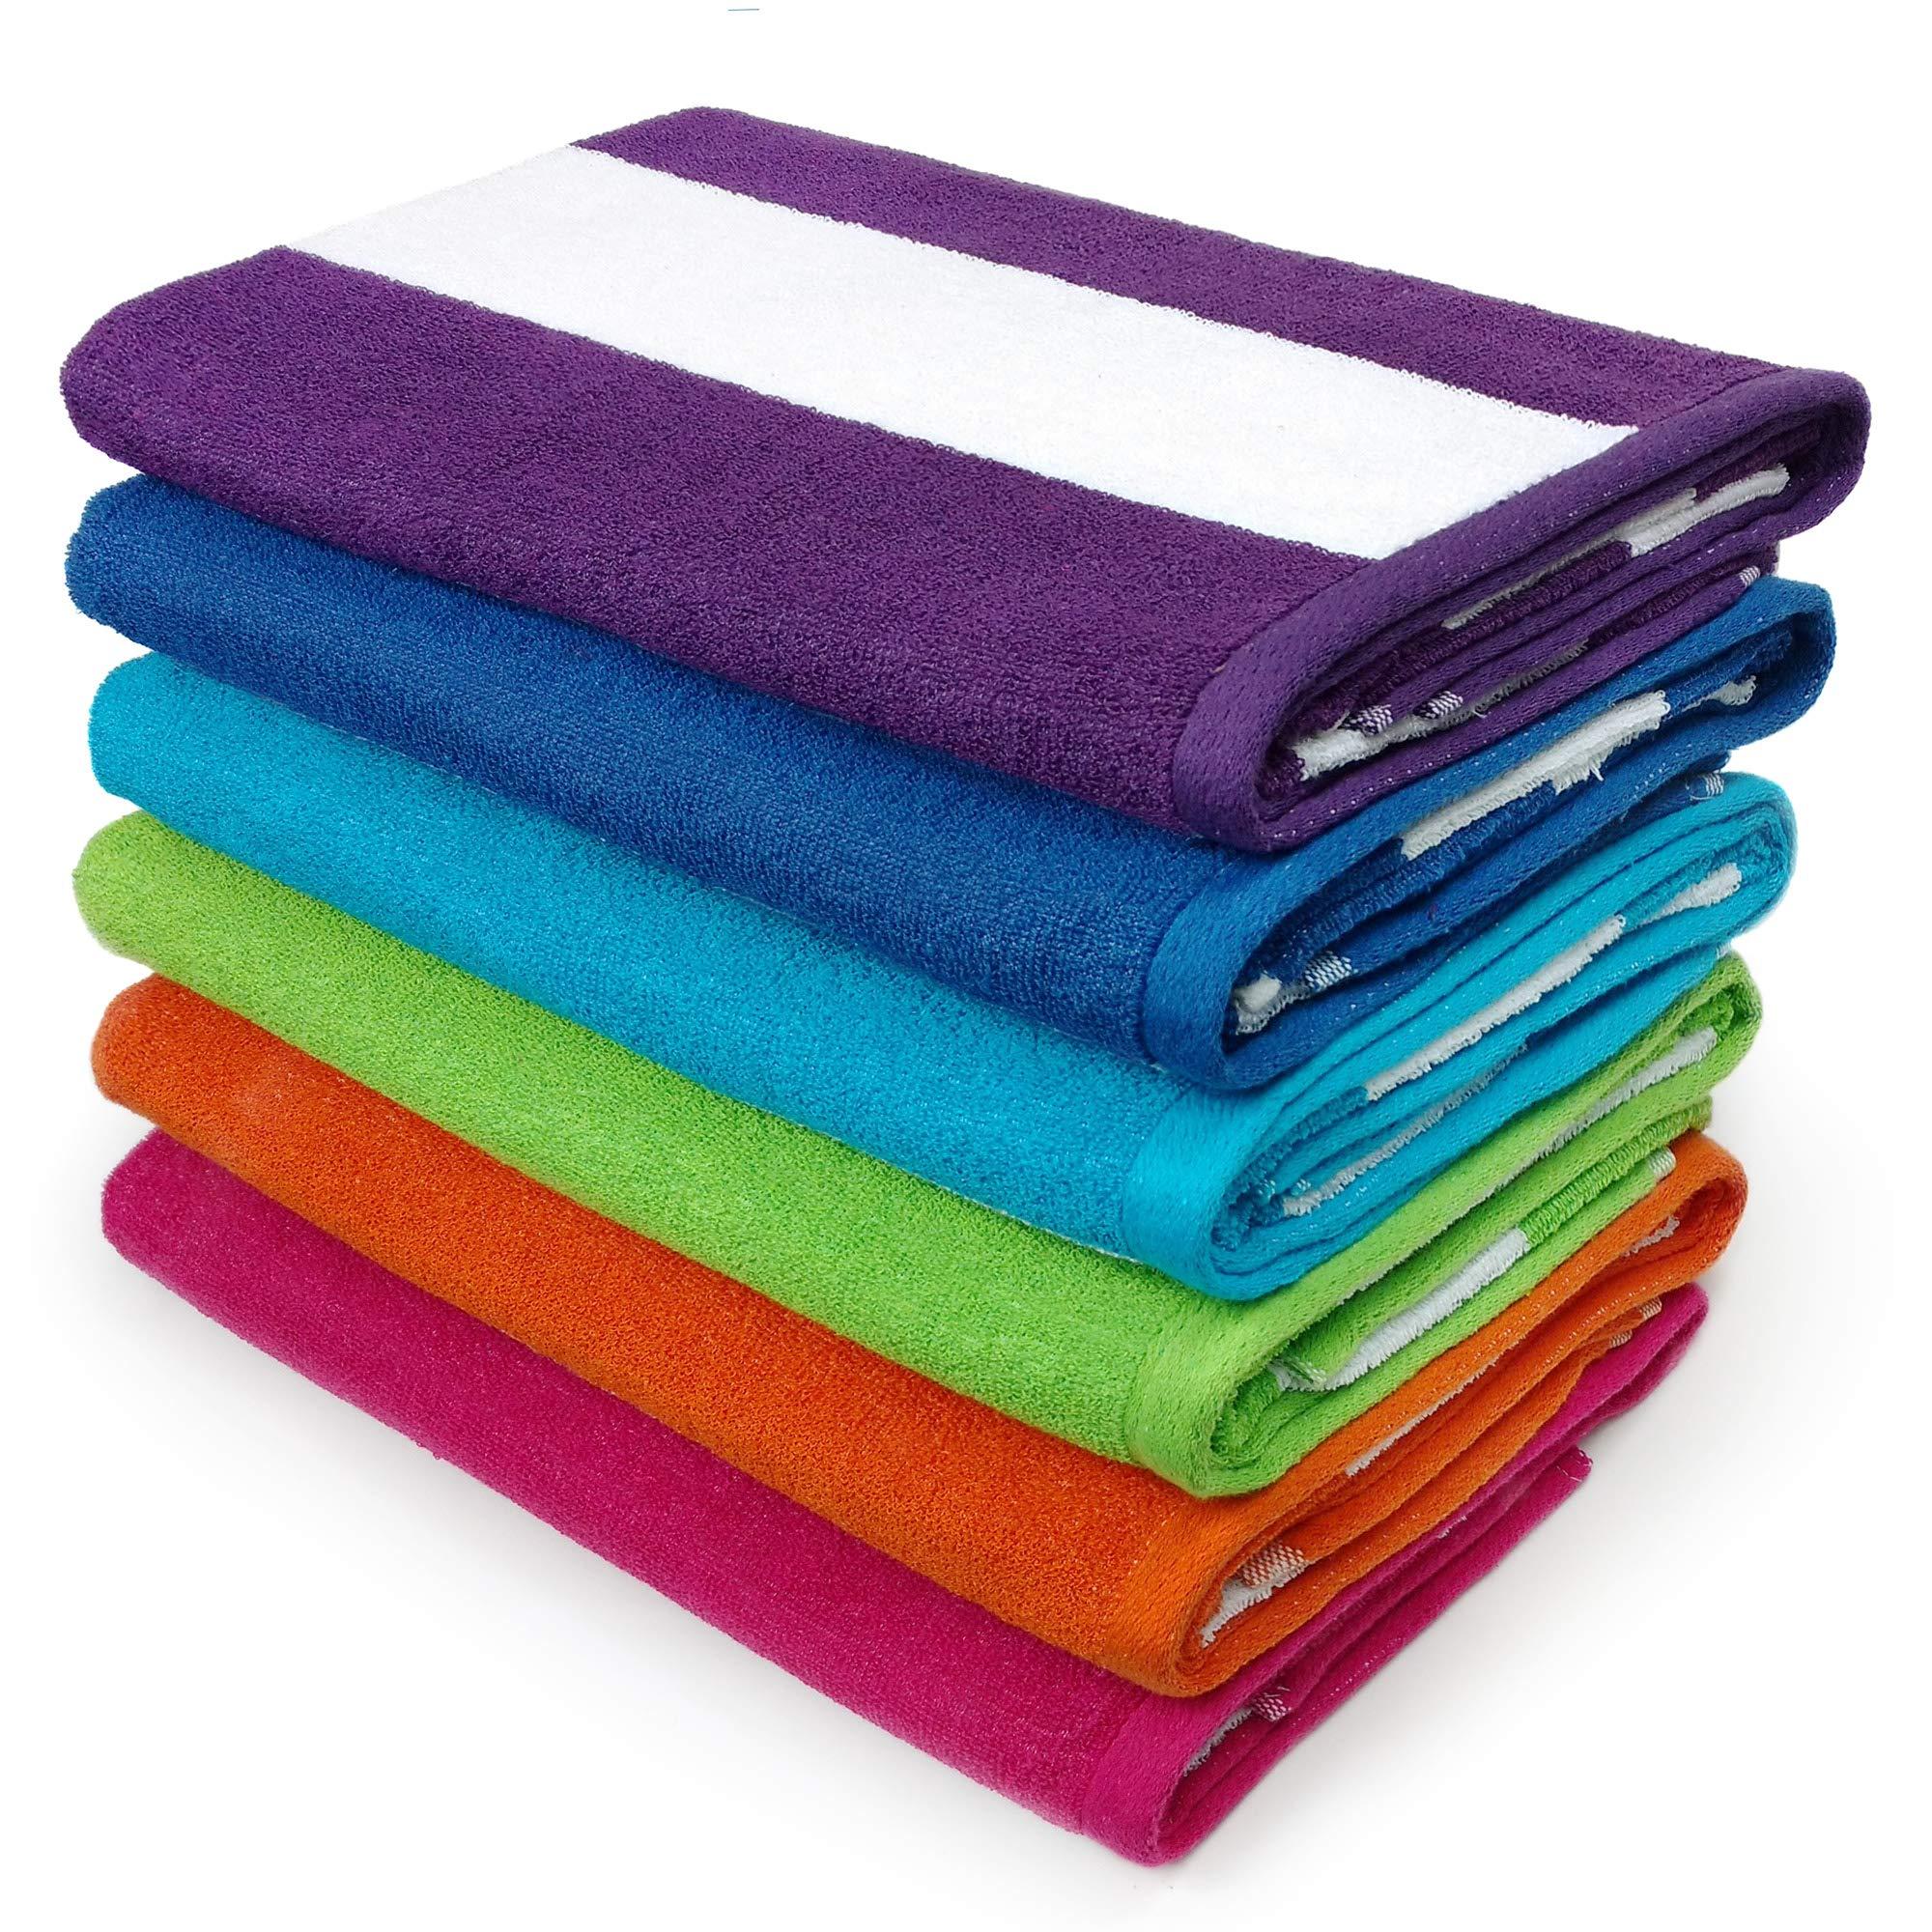 Kaufman Cabana Terry Towel 6 Pack